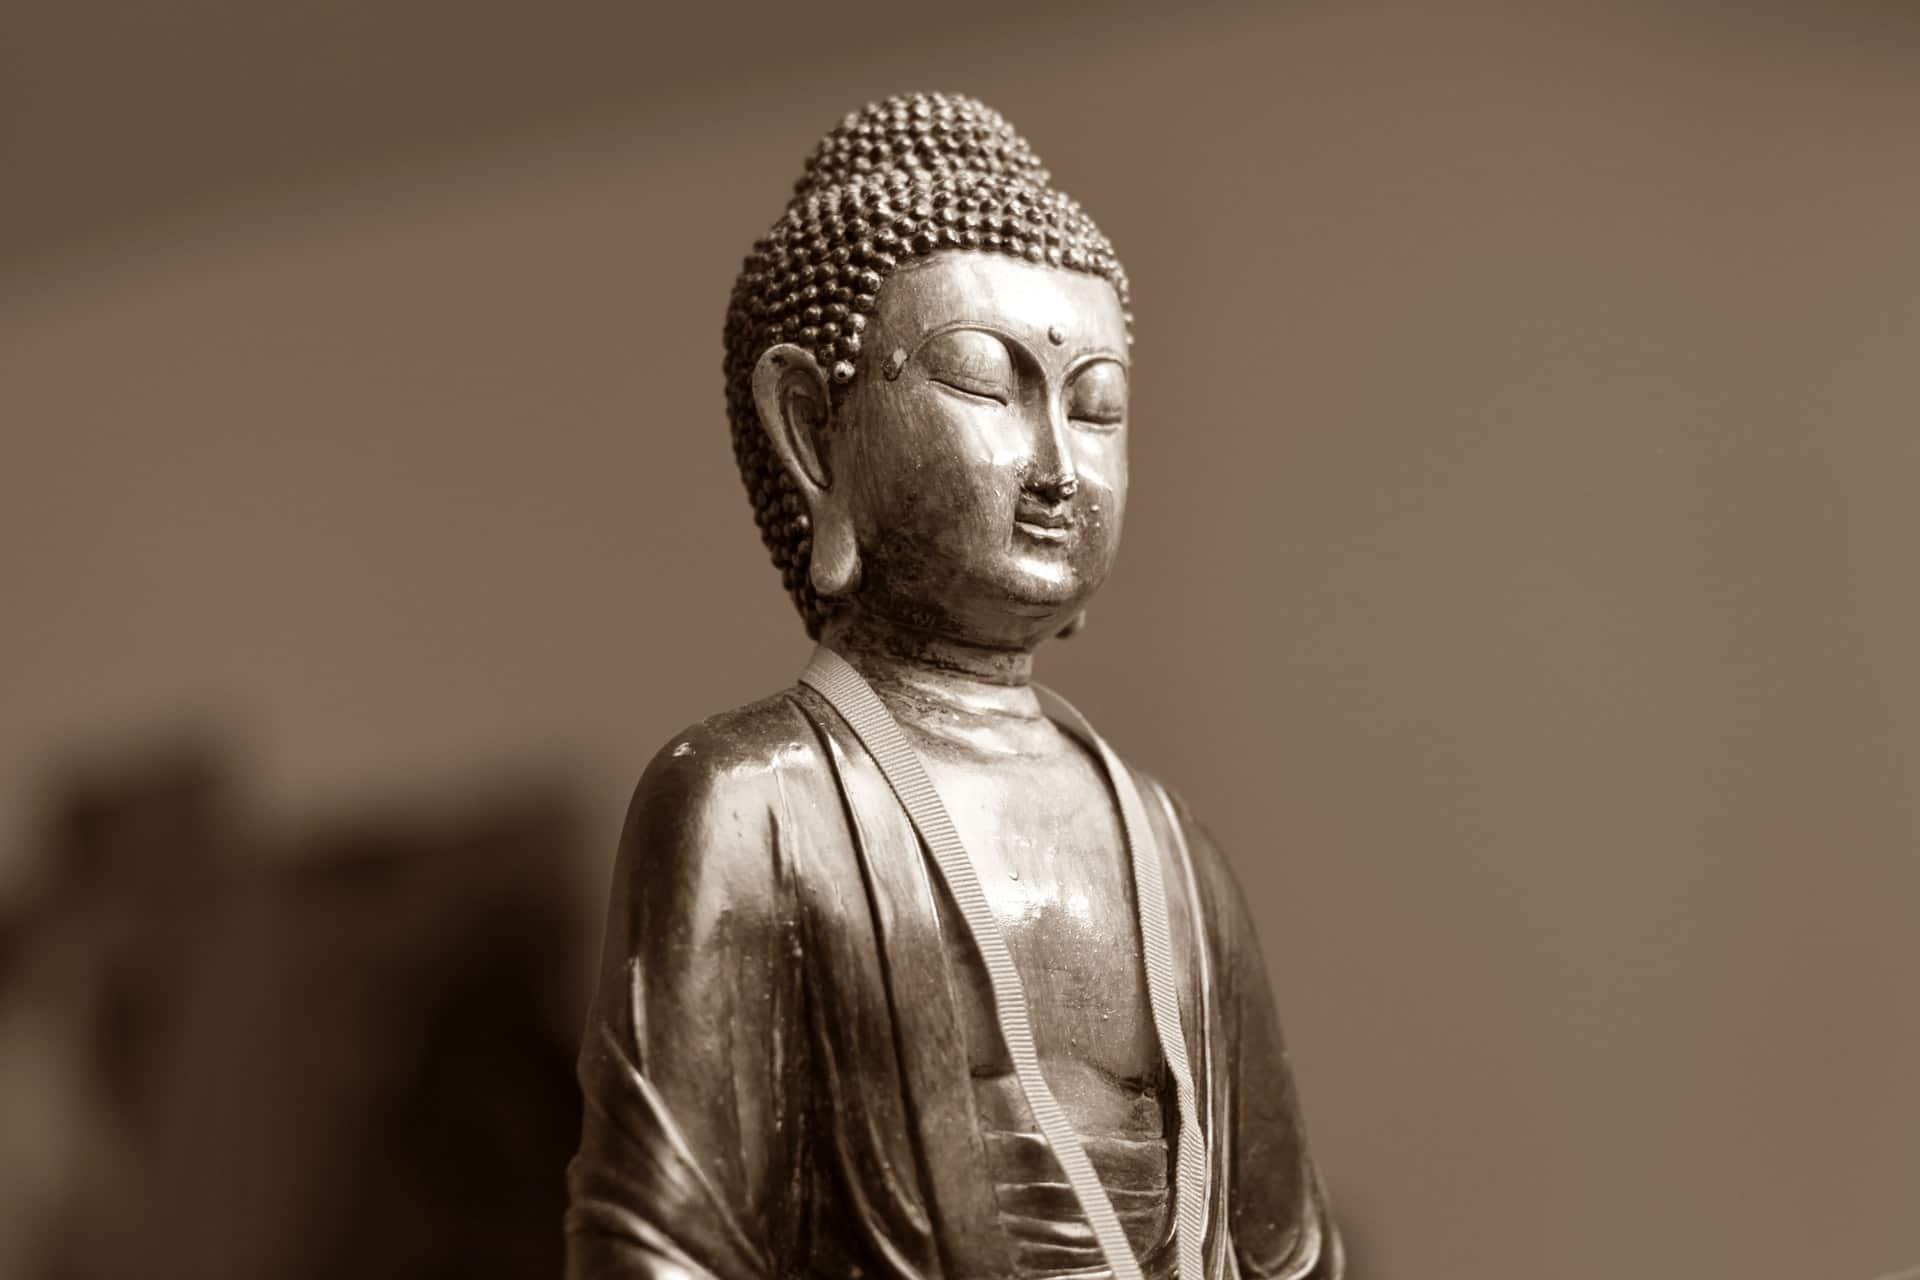 La muerte en el budismo: enseñanzas y formas de afrontarla